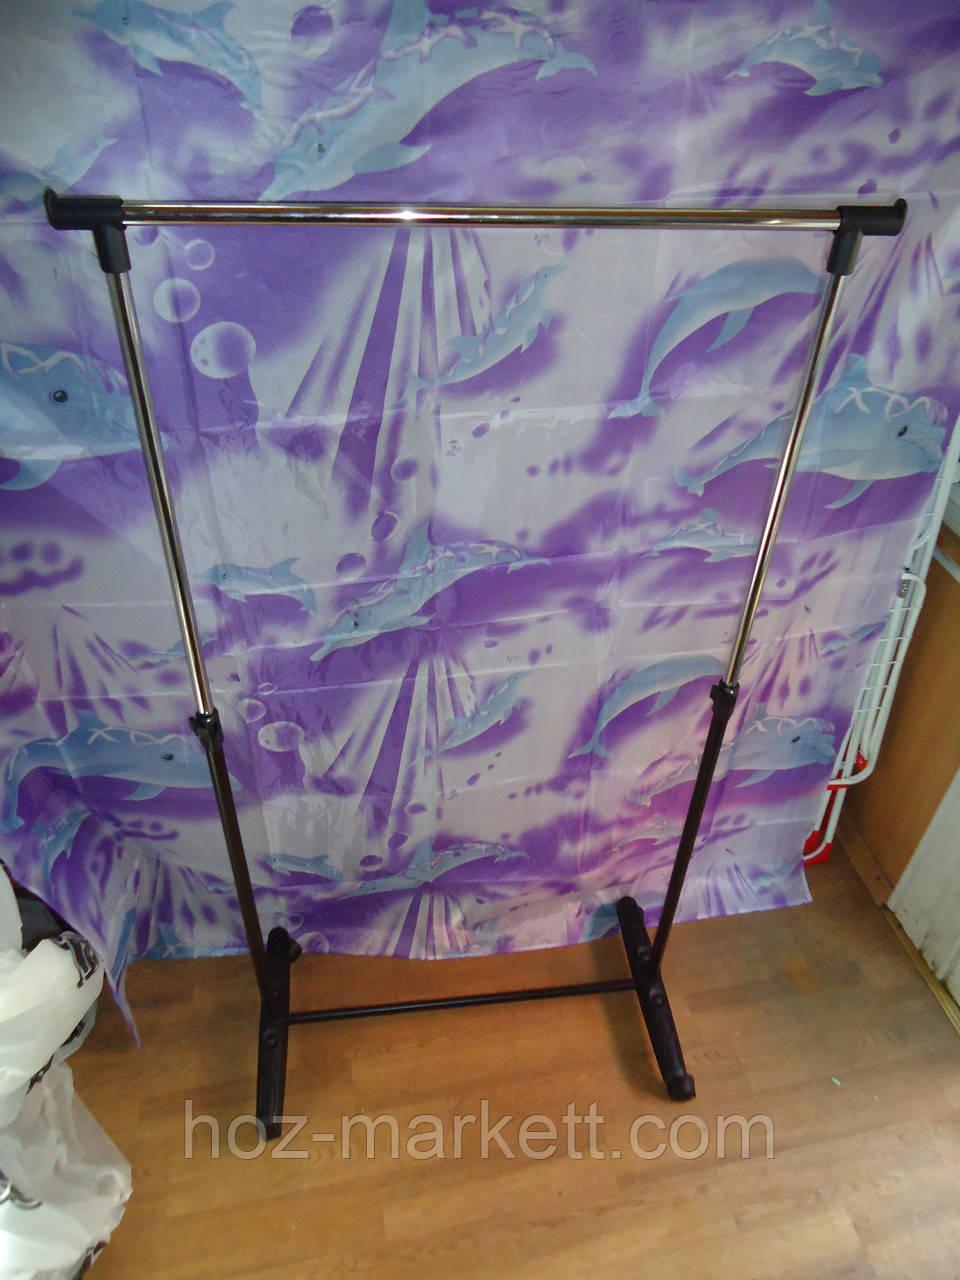 Стойка для одежды одинарная Мини - Интернет-магазин Hoz-markett.com в Харькове